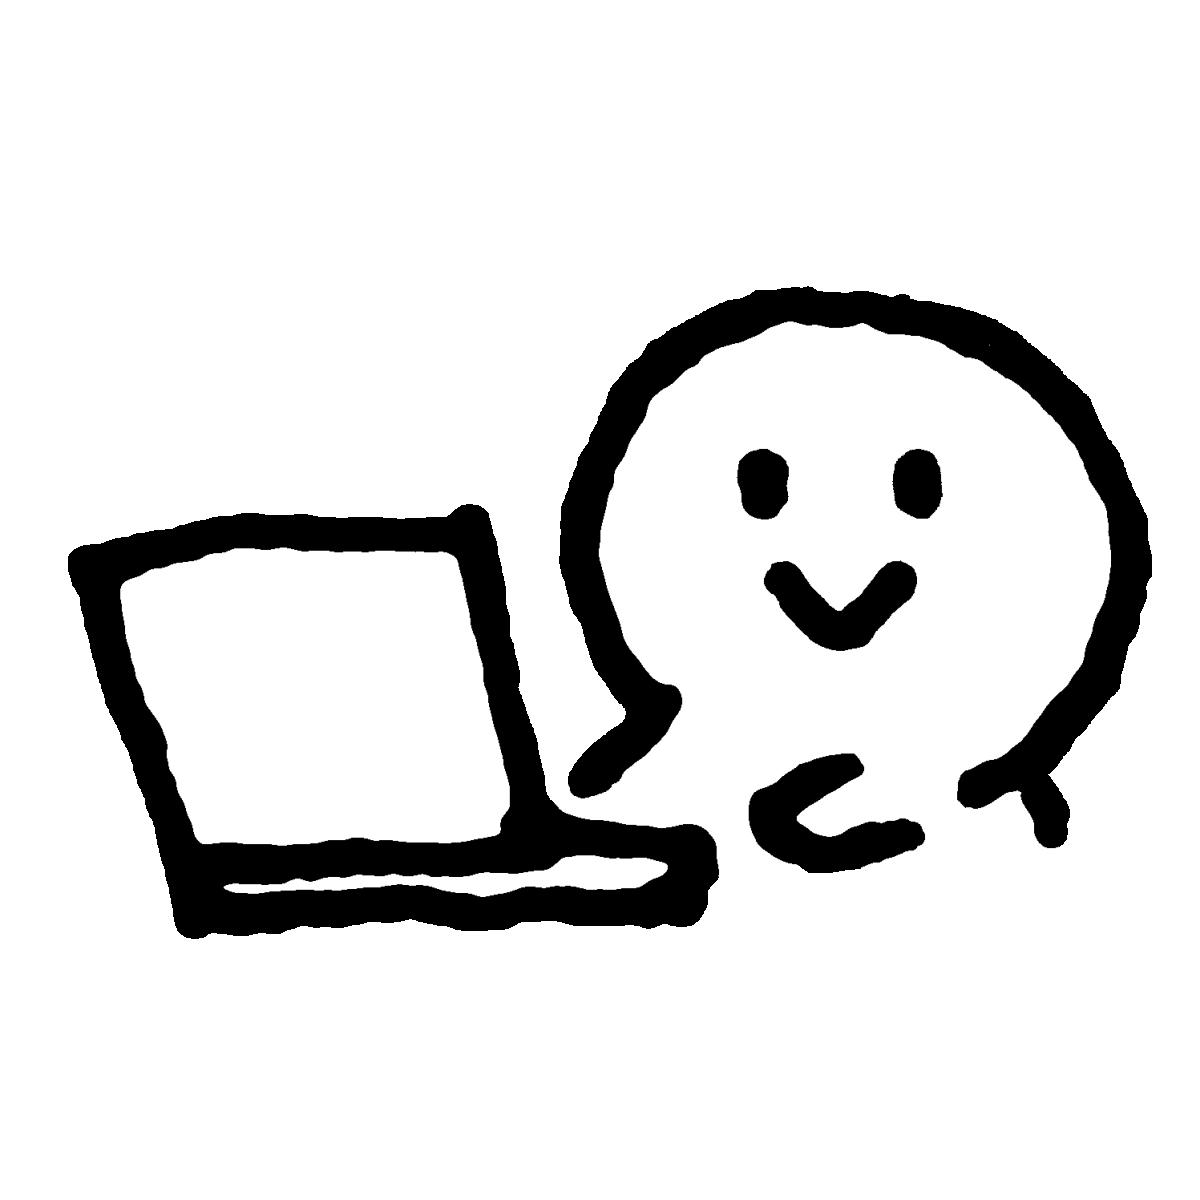 ノートパソコンを触るのイラスト / Operate a laptop Illustration